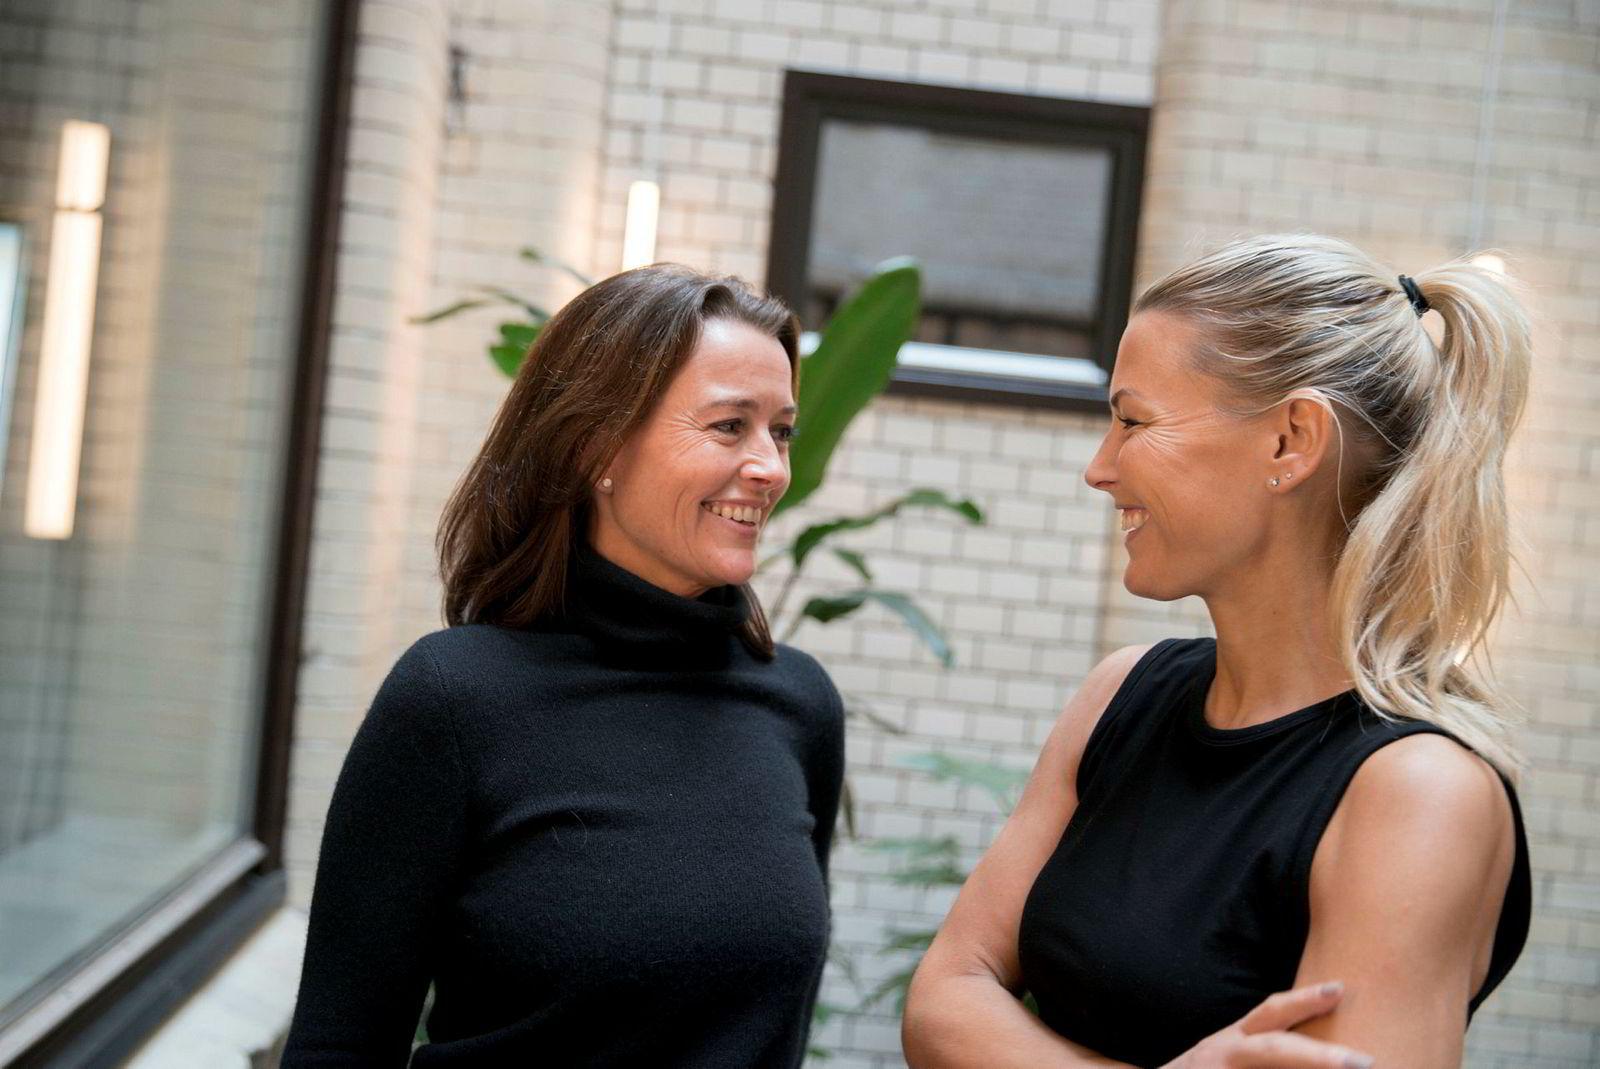 Daglig leder Marianne Borchgrevink (til venstre) i Run & Relax mener hun og medeier Vibeke Klemetsen utfyller hverandre godt.